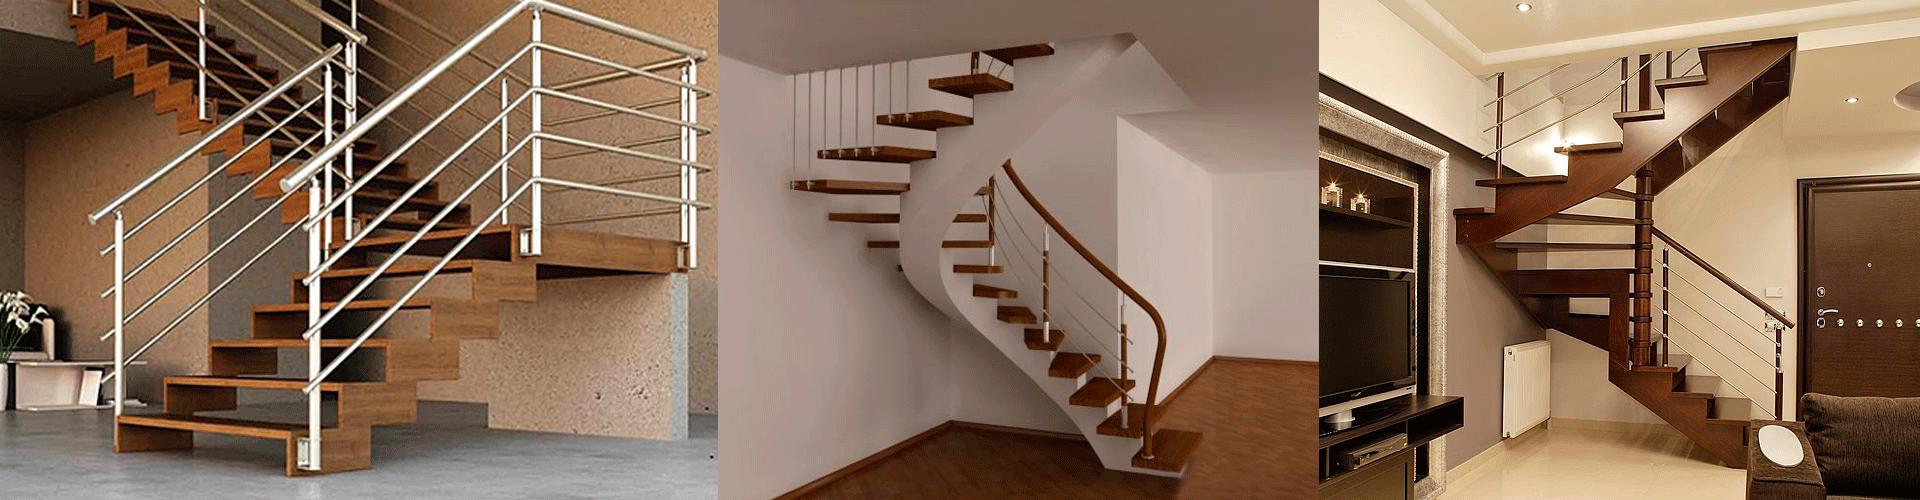 Лестницы из дерева на заказ в Кишиневе